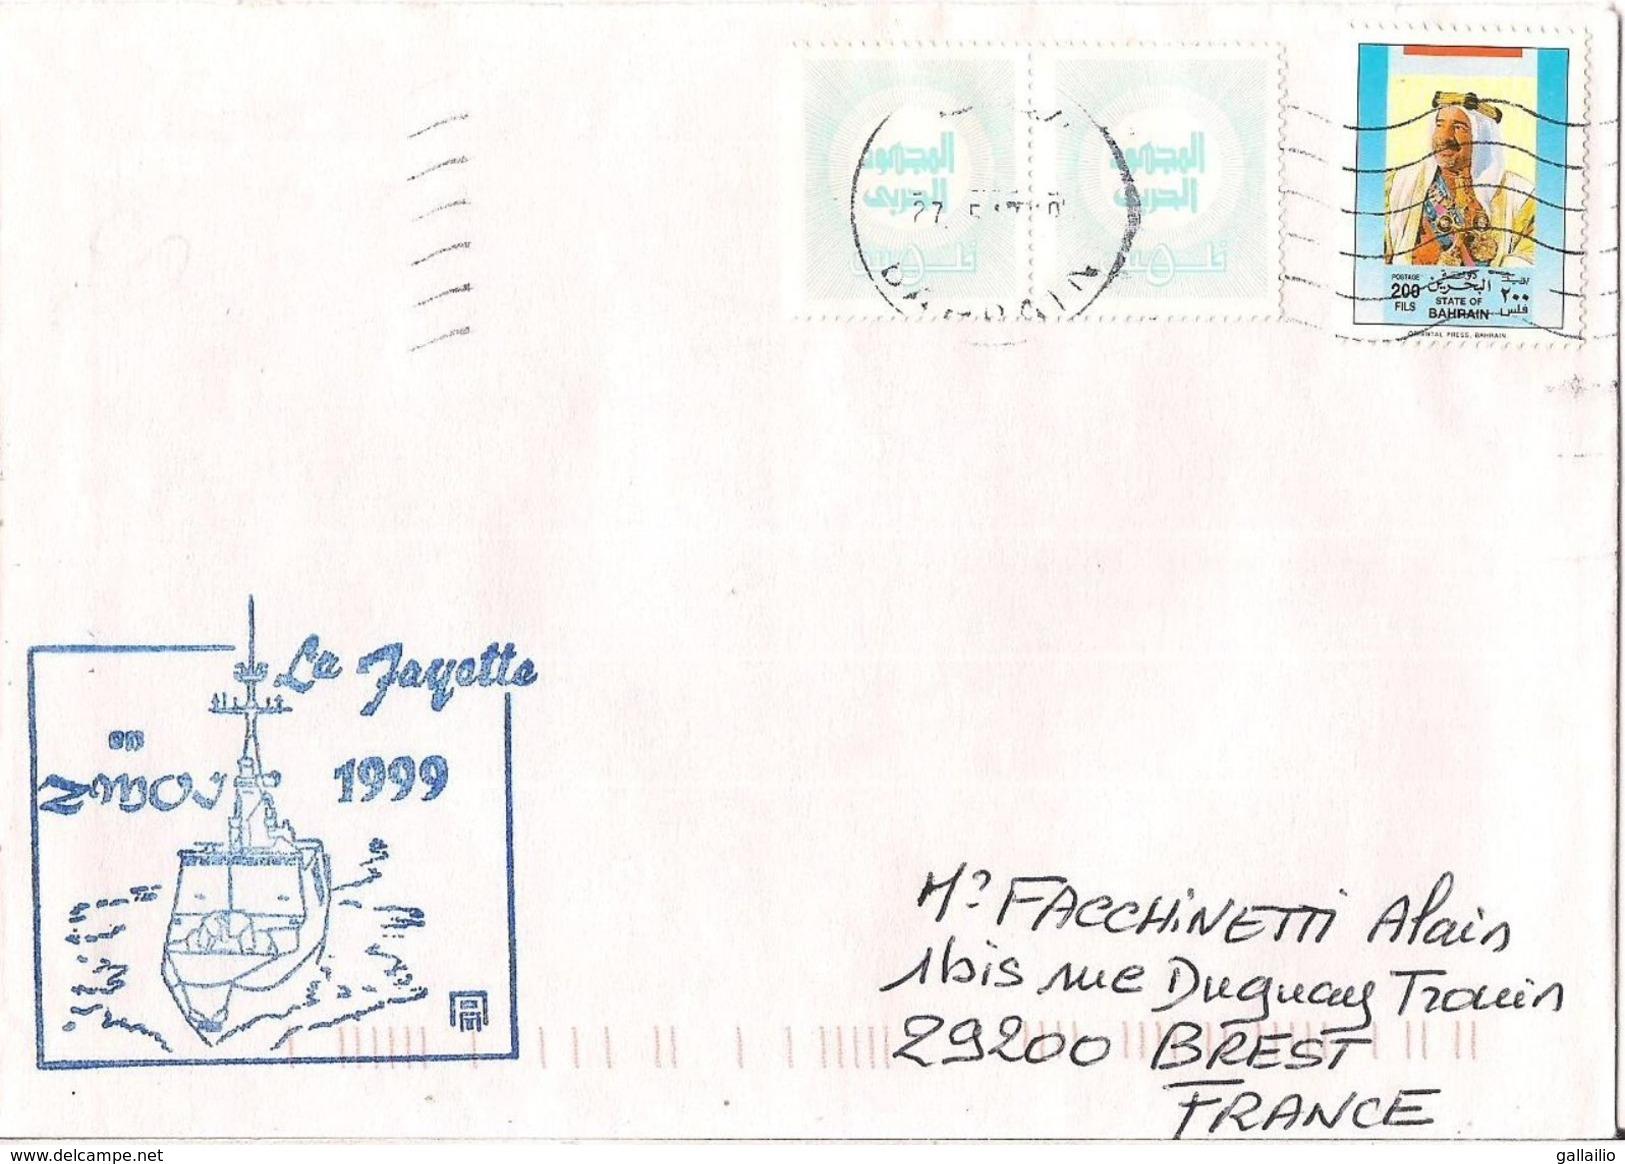 MARCOPHILIE NAVALE LETTRE BAHREIN LA FAYETTE ZMOI 1999 - Bahreïn (1965-...)